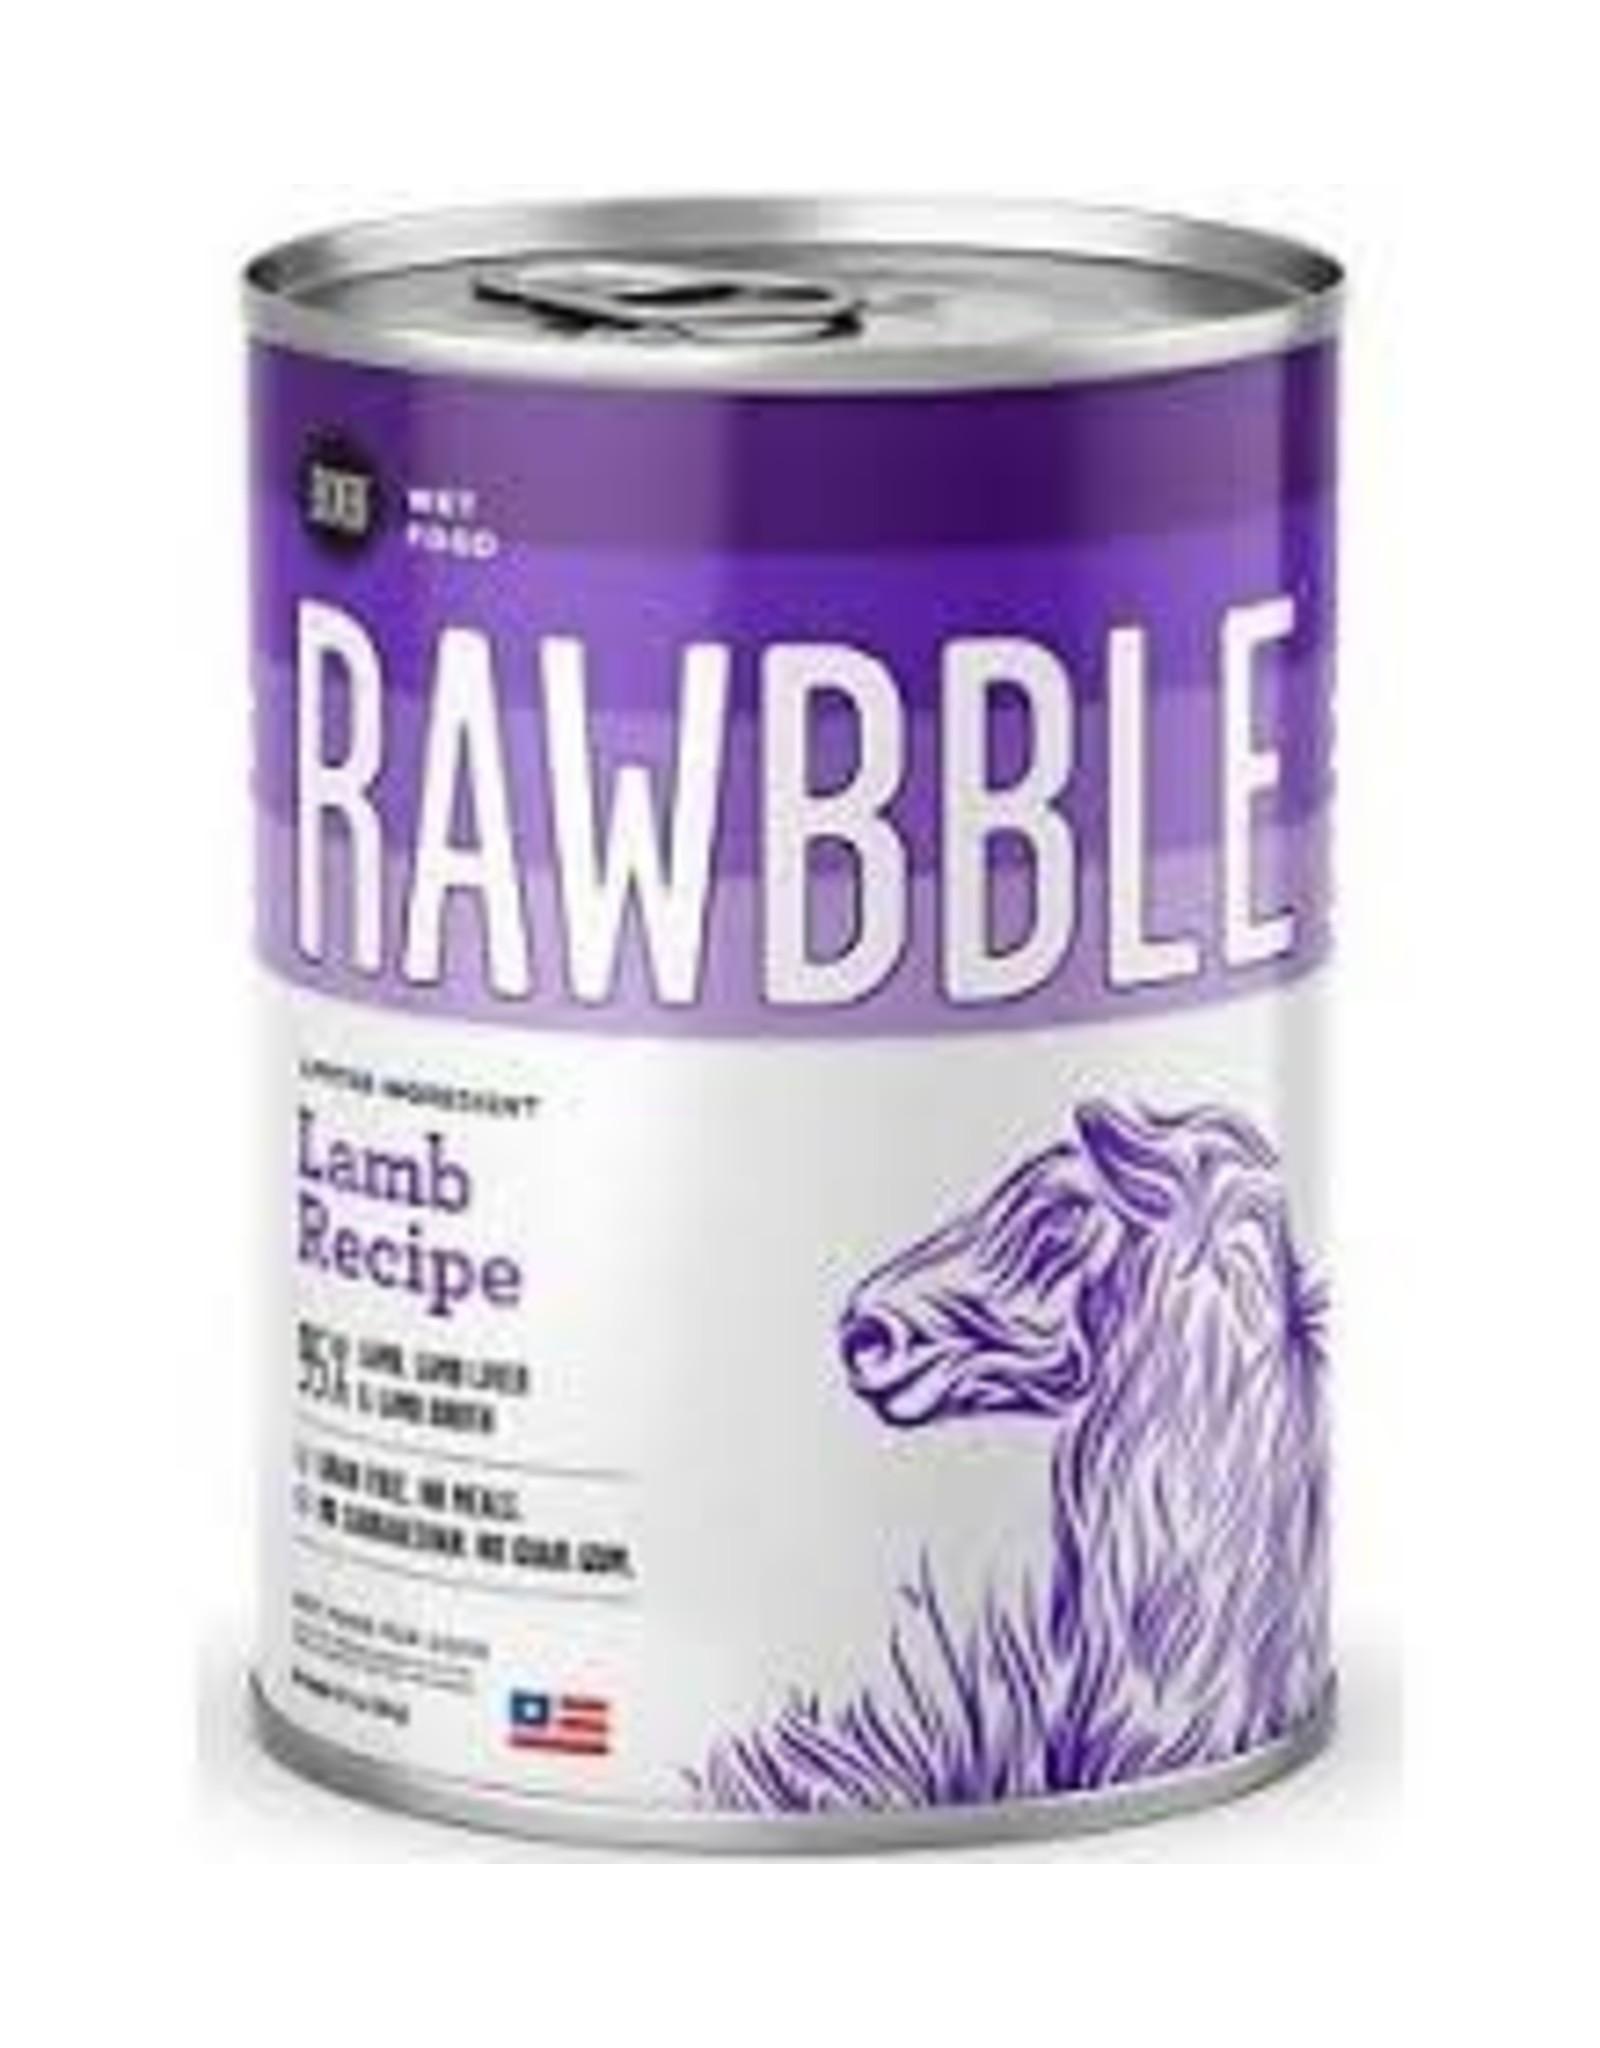 BIXBI & RAWBBLE RAWBBLE LAMB RECIPE 12.5 OZ